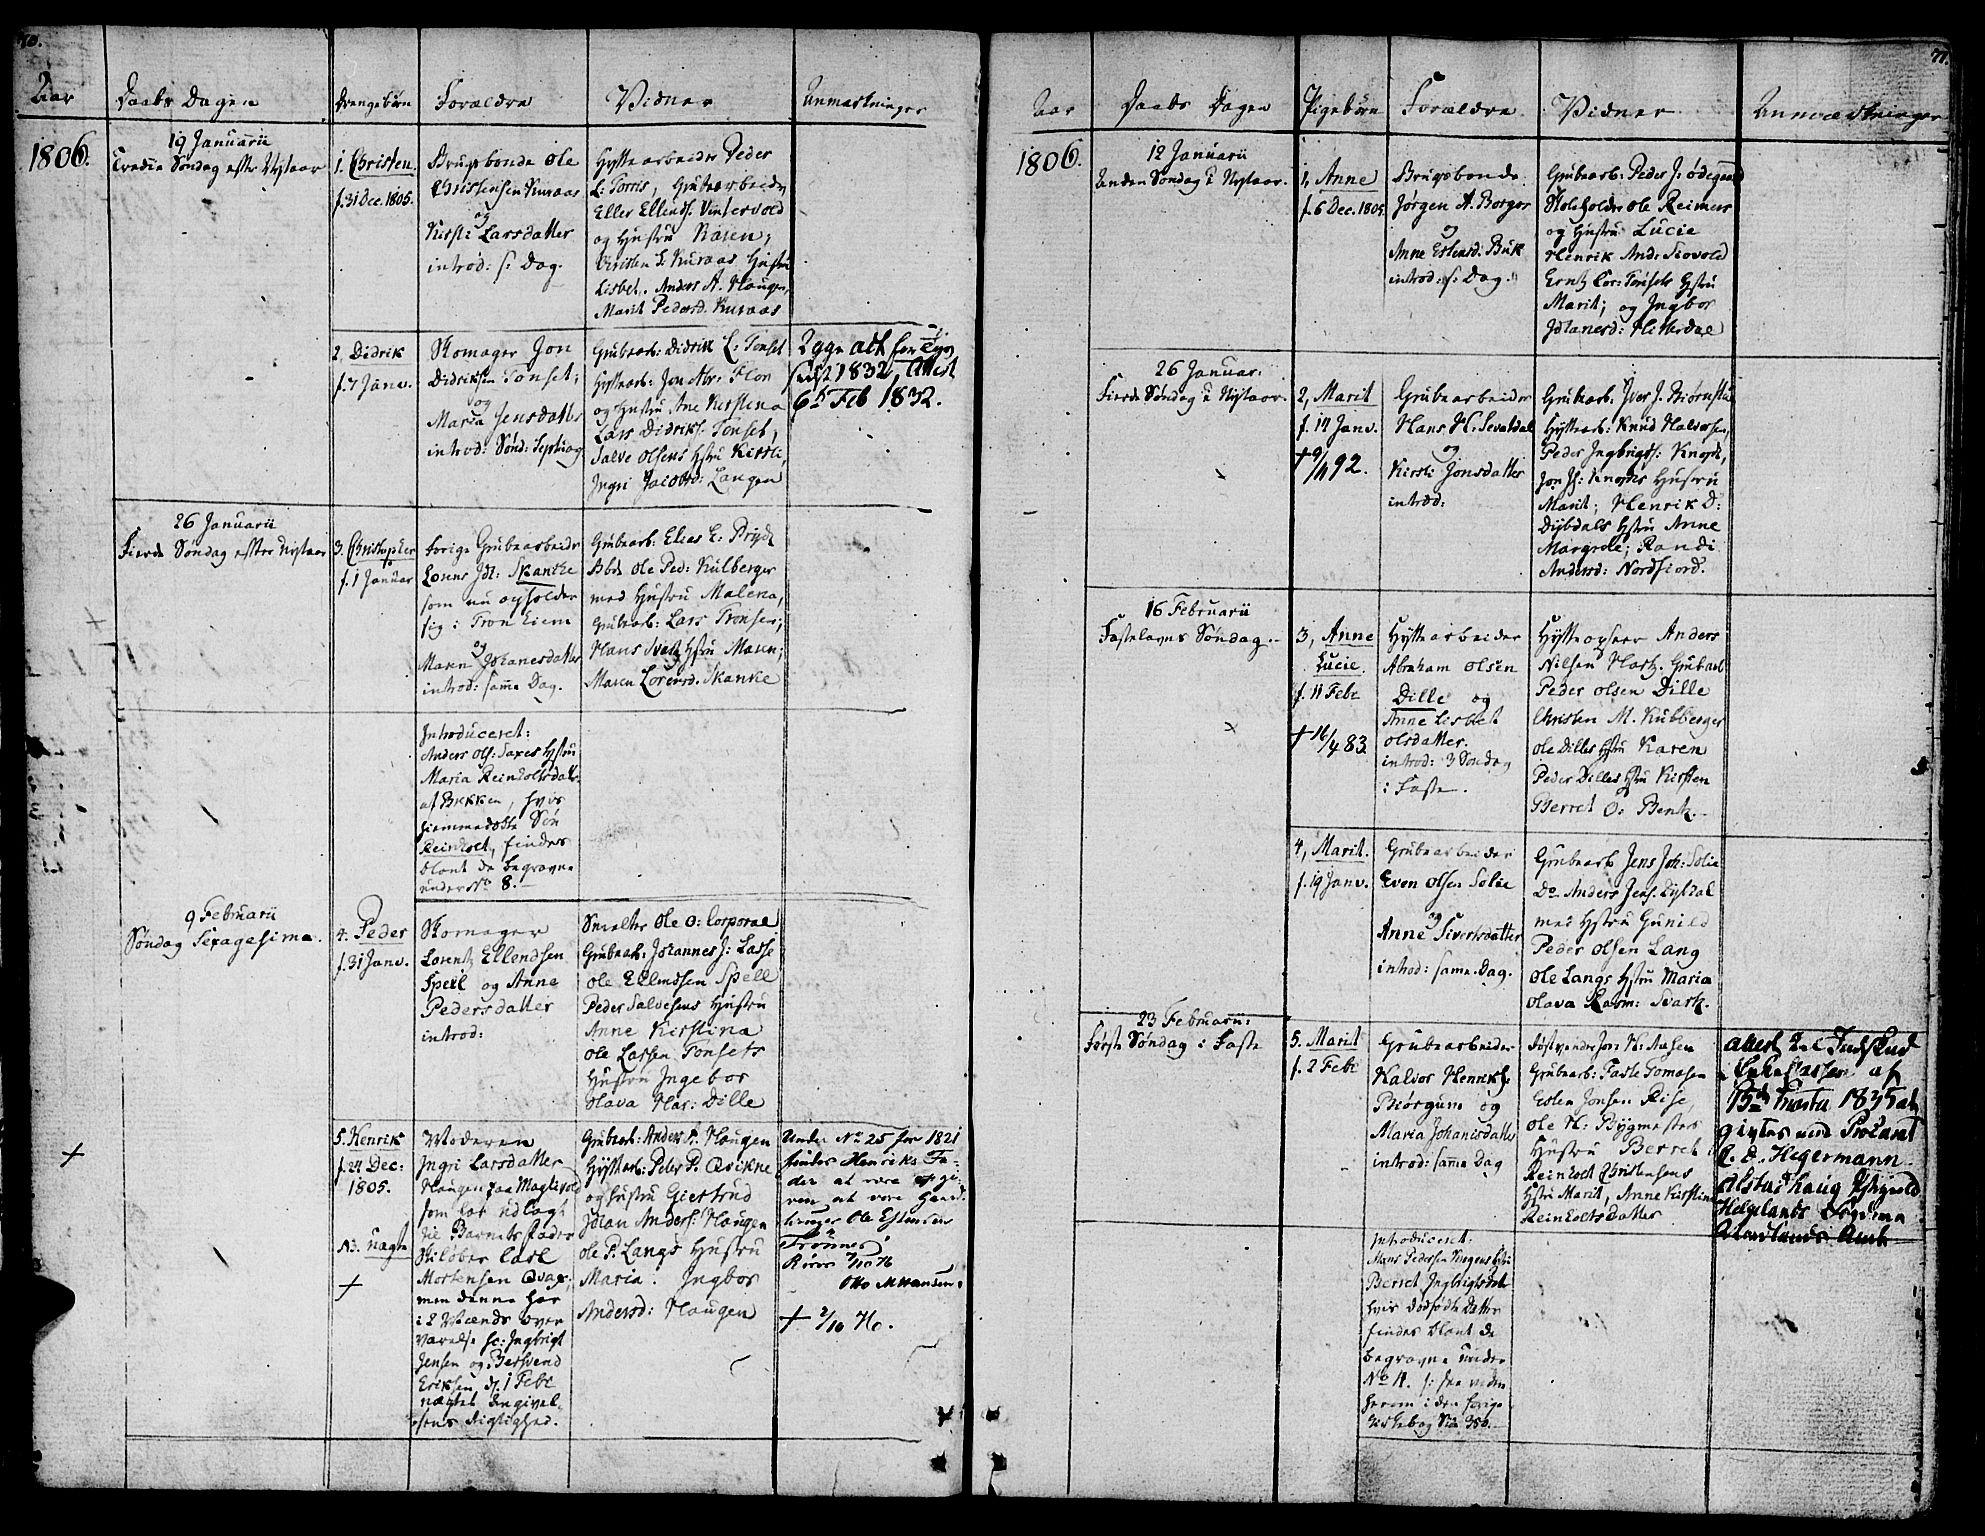 SAT, Ministerialprotokoller, klokkerbøker og fødselsregistre - Sør-Trøndelag, 681/L0928: Ministerialbok nr. 681A06, 1806-1816, s. 70-71